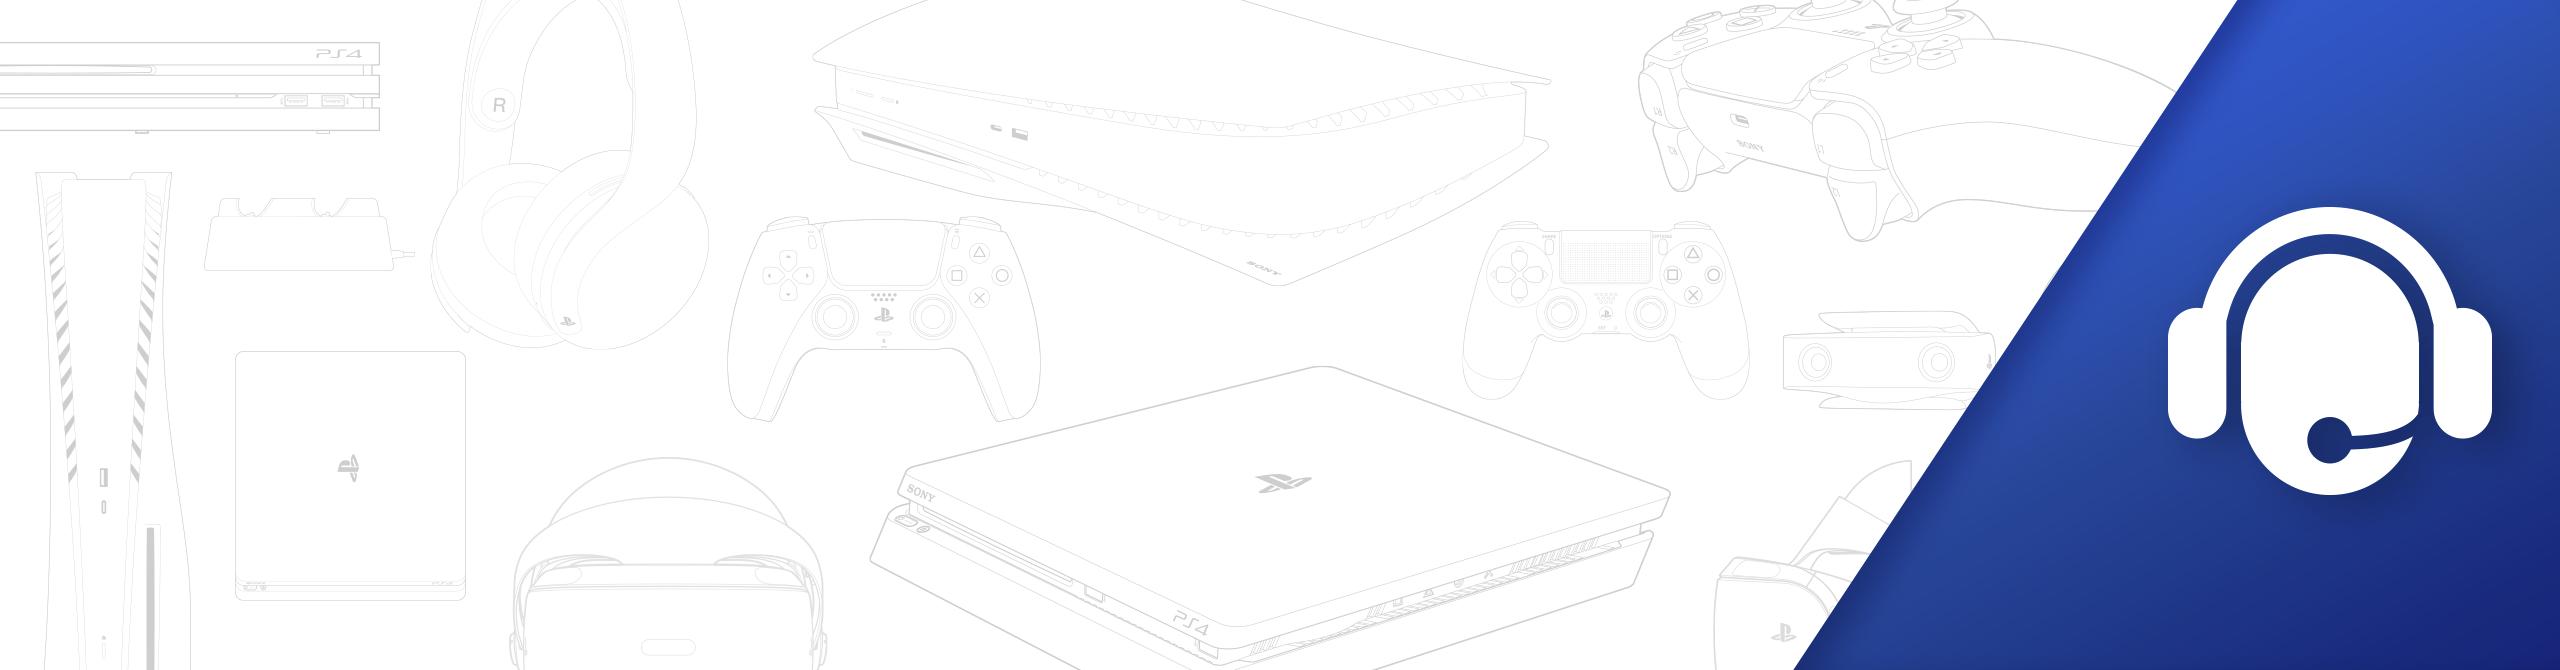 Служба поддержки PlayStation – баннер